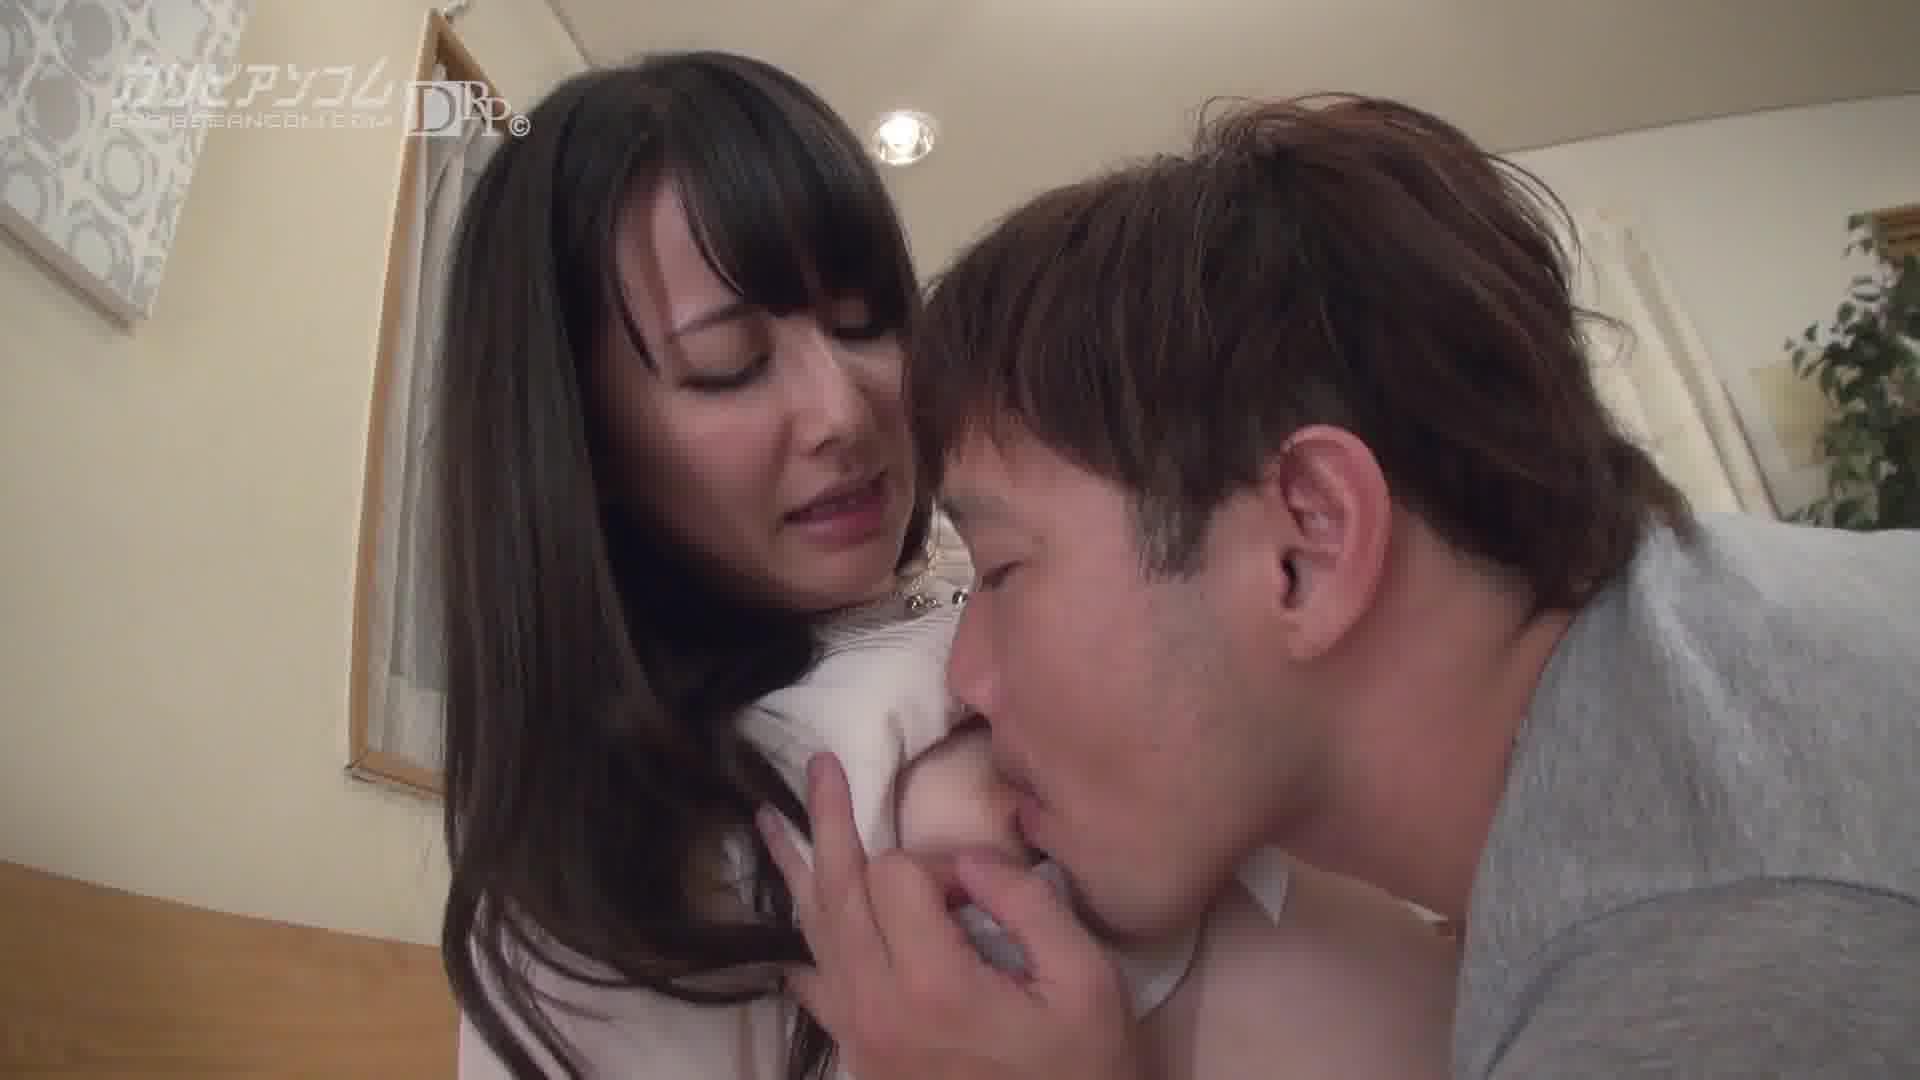 デリヘル嬢は現役女子大生 - 岩佐あゆみ【潮吹き・イラマチオ・中出し】